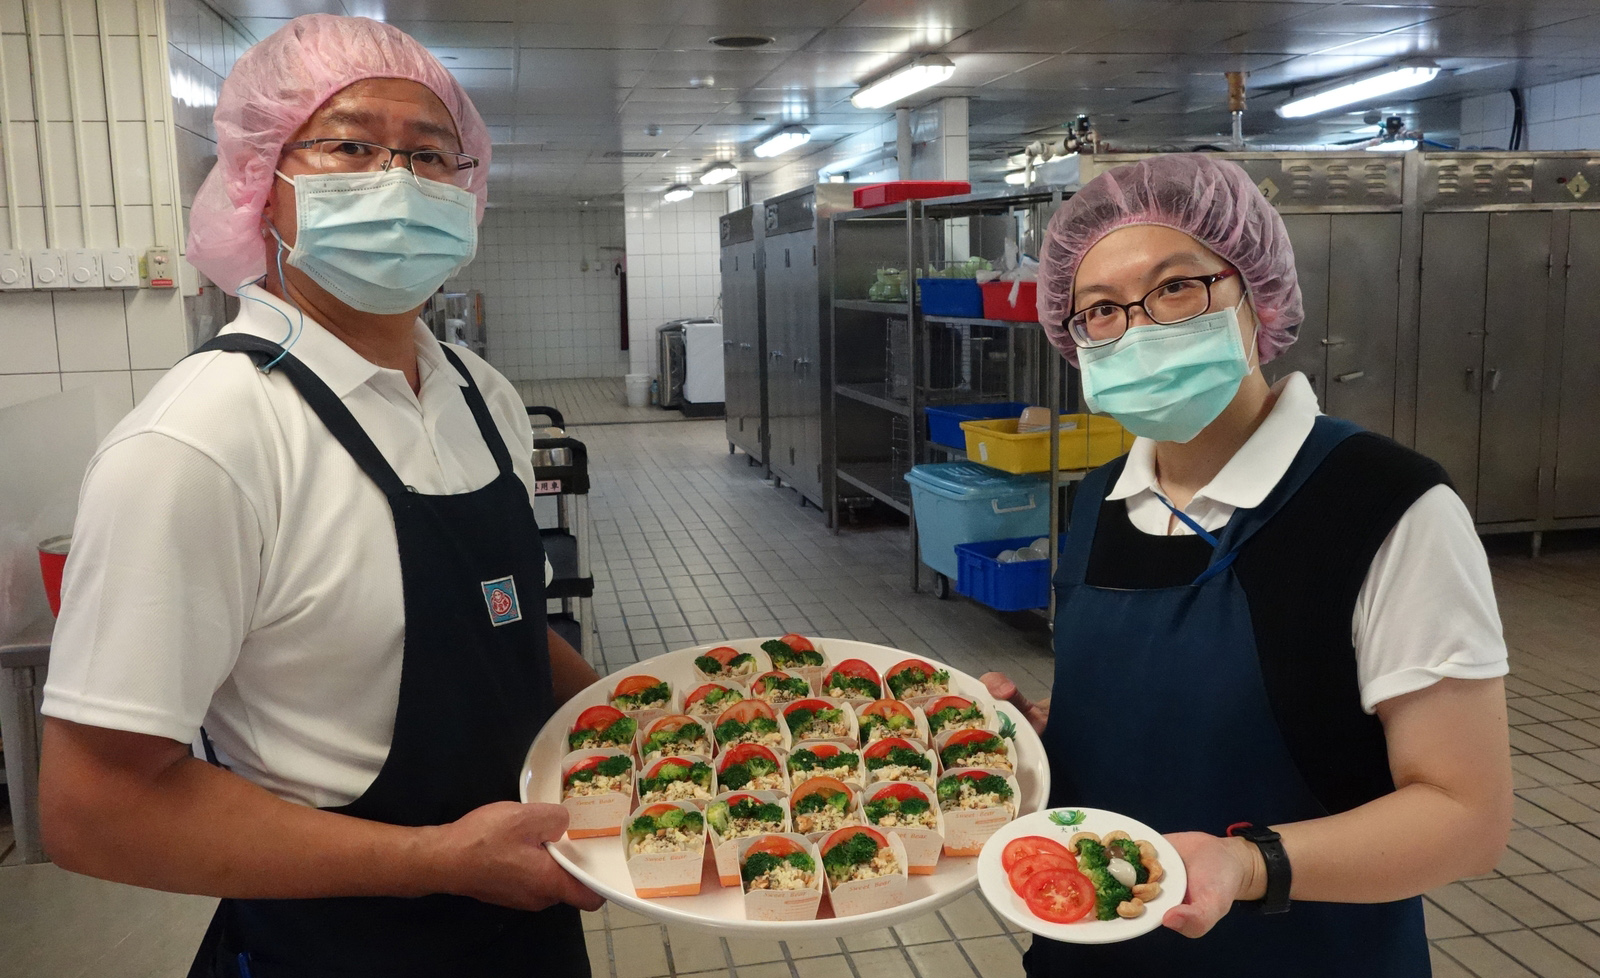 黃靖琇營養師與尤明定廚師聯手推出防疫蔬食好料理「豆粉腰果醬蒟蒻拌麵」